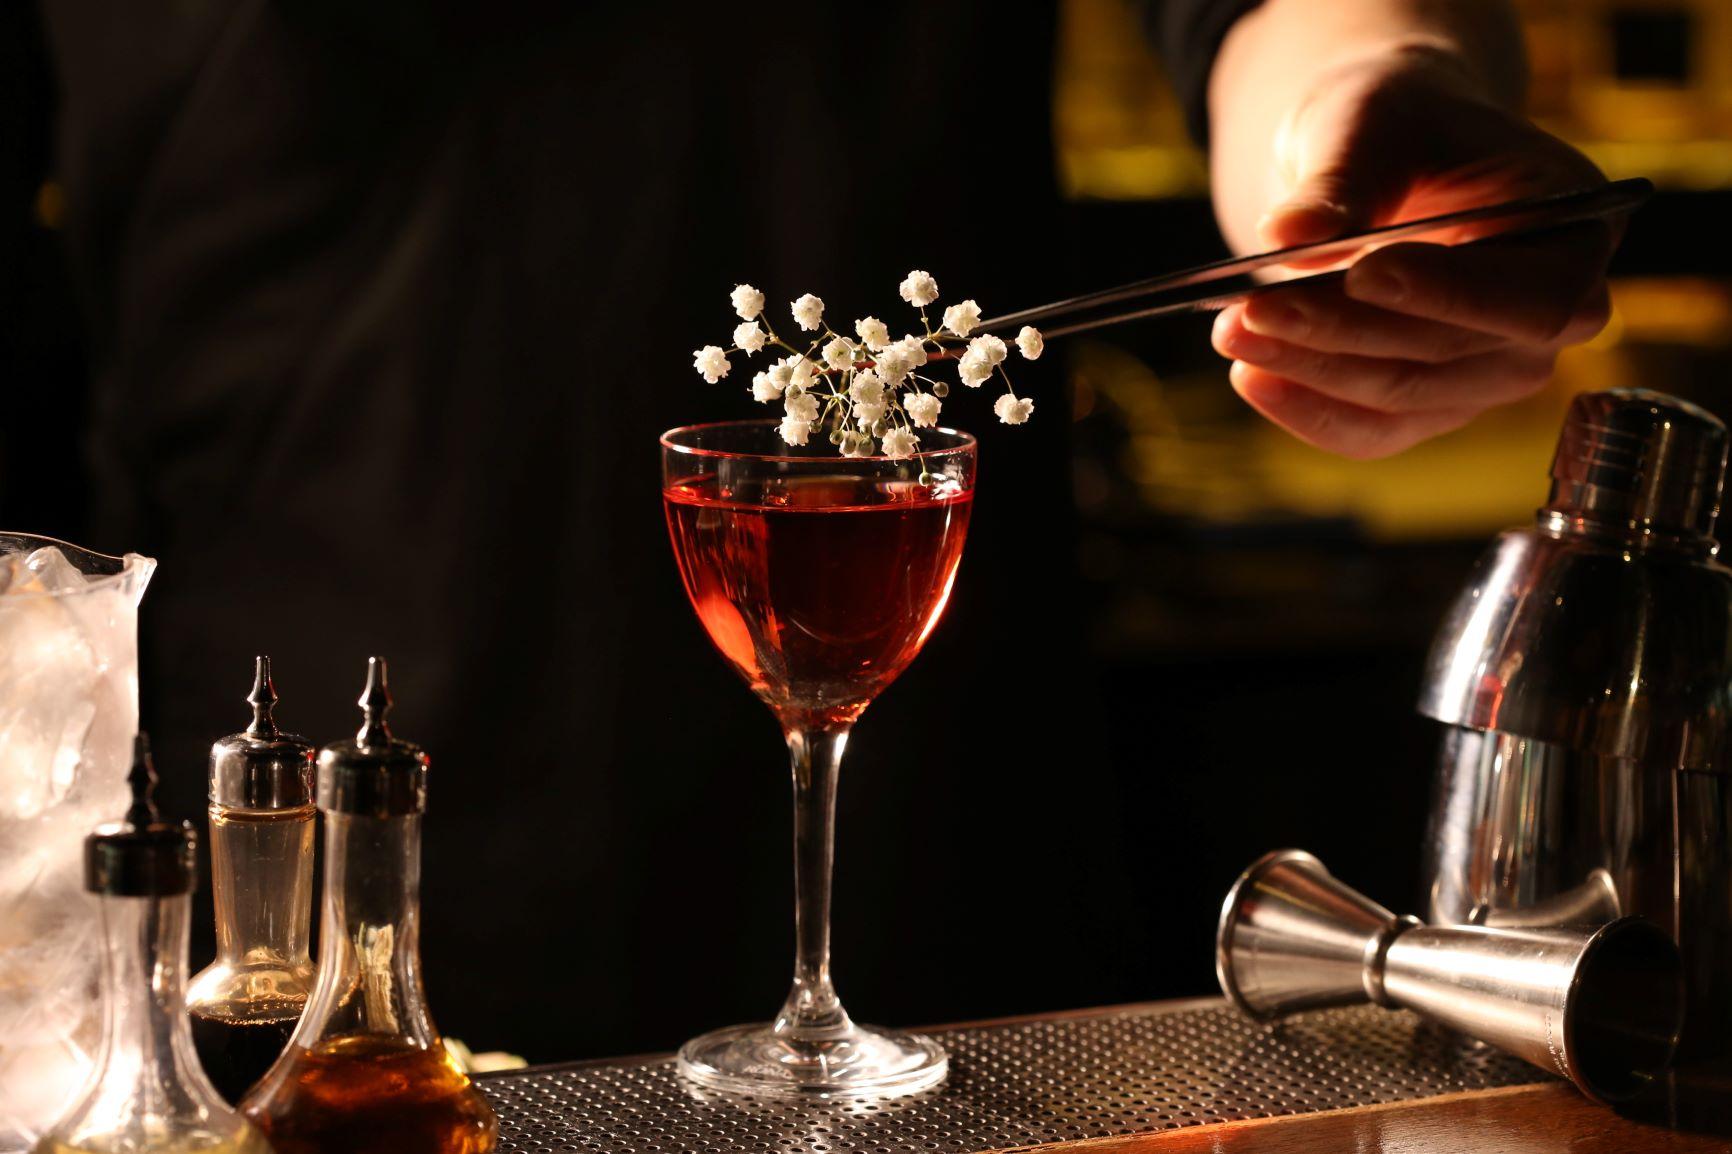 慶祝經典調酒 Negroni Week   Zuma 推出限定 Negroni 雞尾酒